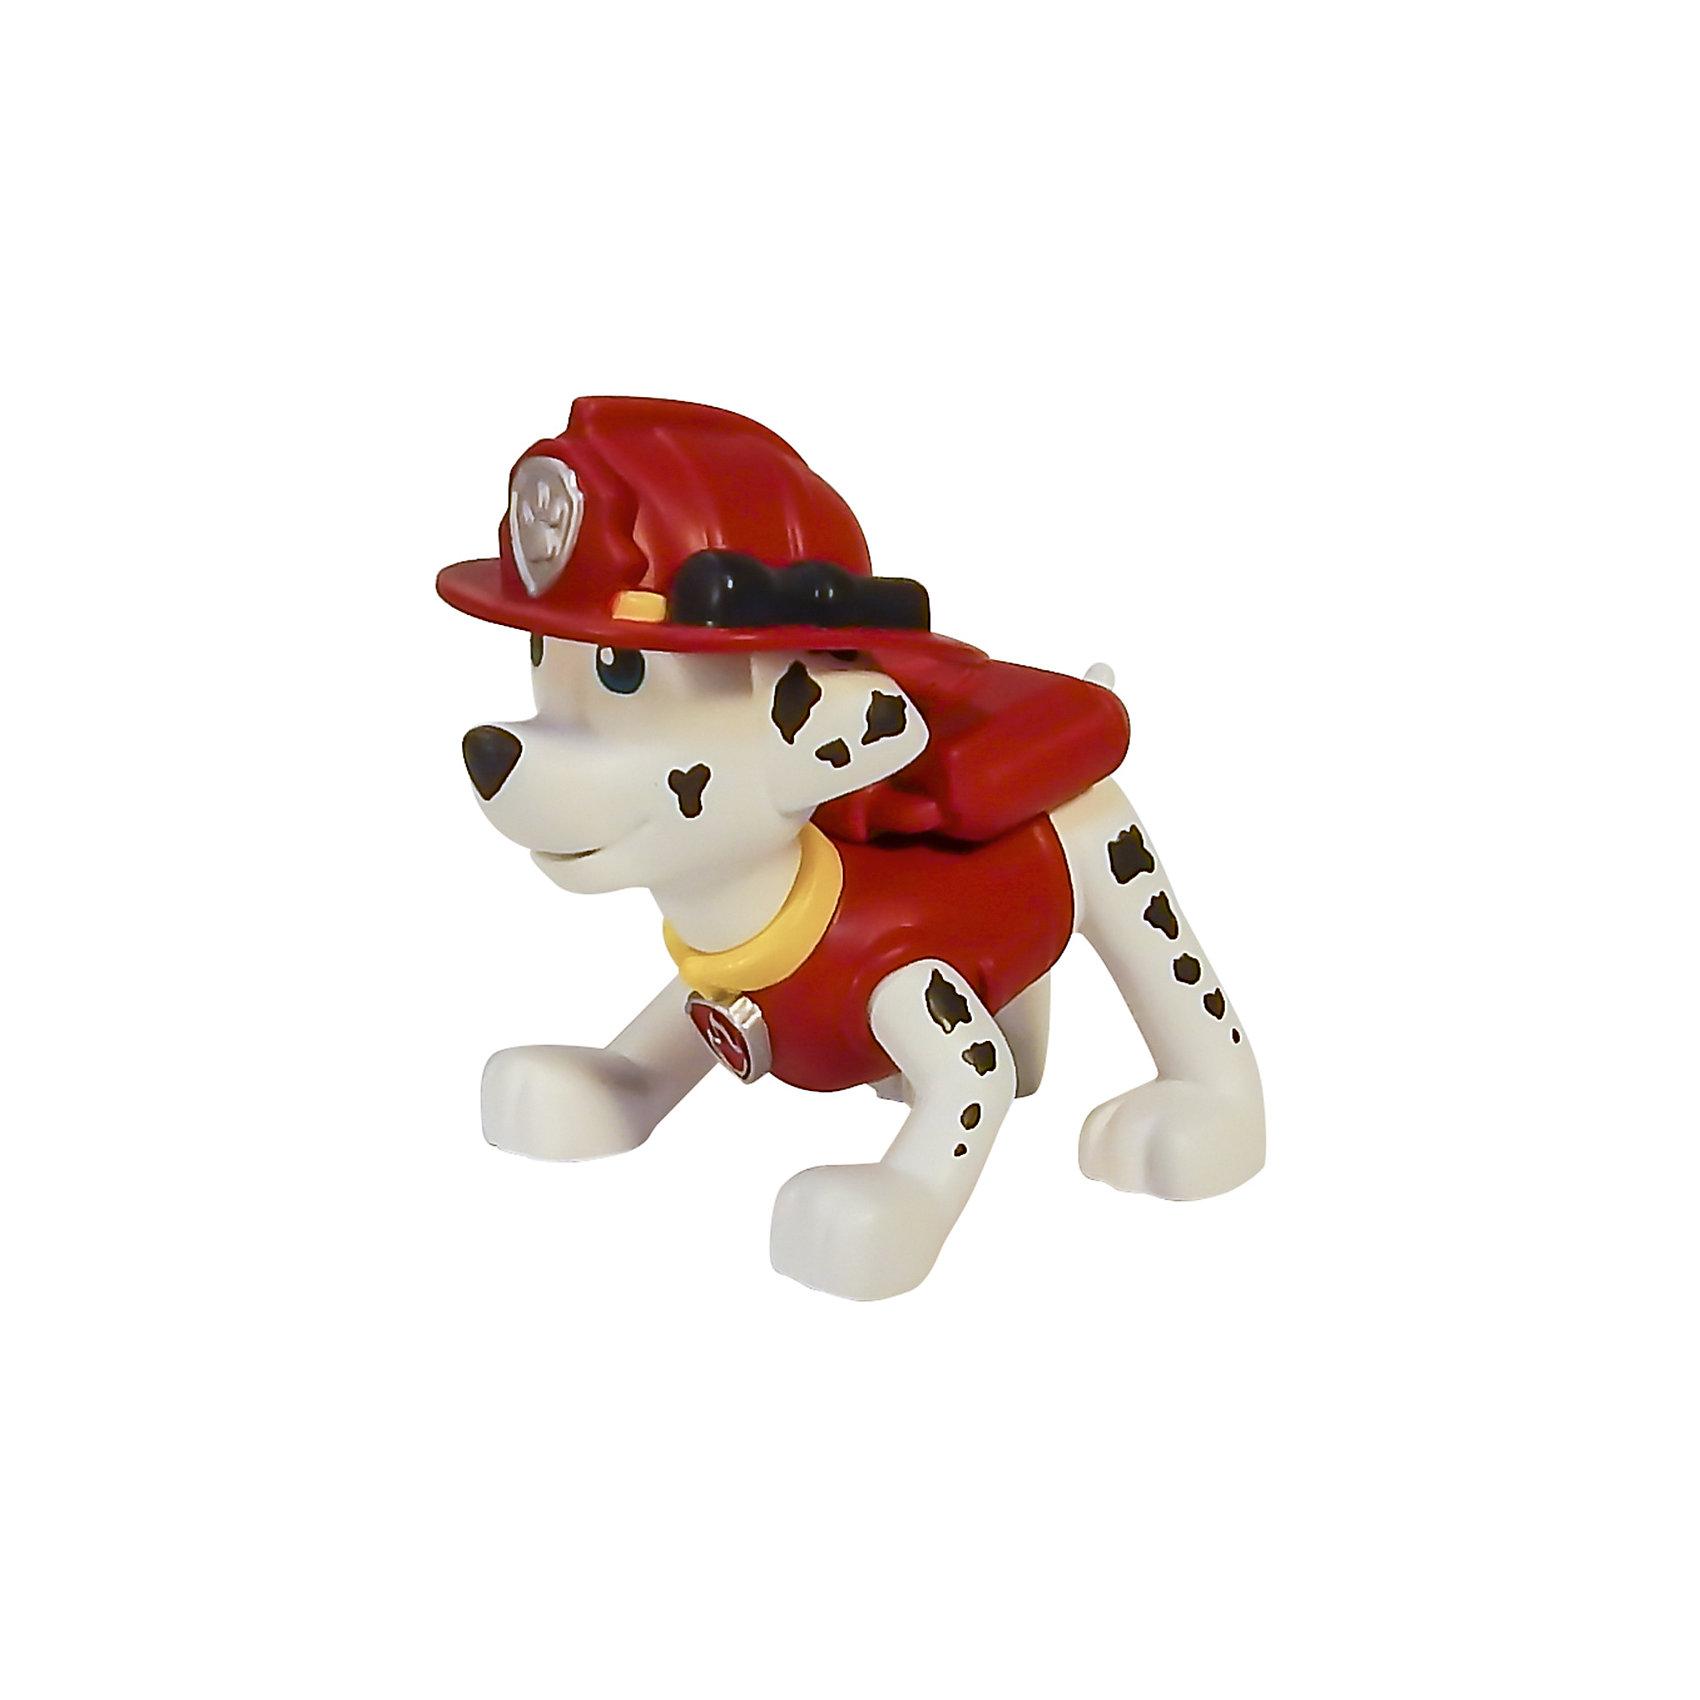 Spin Master Маленькая фигурка щенка Маршал, Щенячий патруль, Spin Master spin master фигурка спасателя с рюкзаком трансформером щенячий патруль spin master 20070732 16655